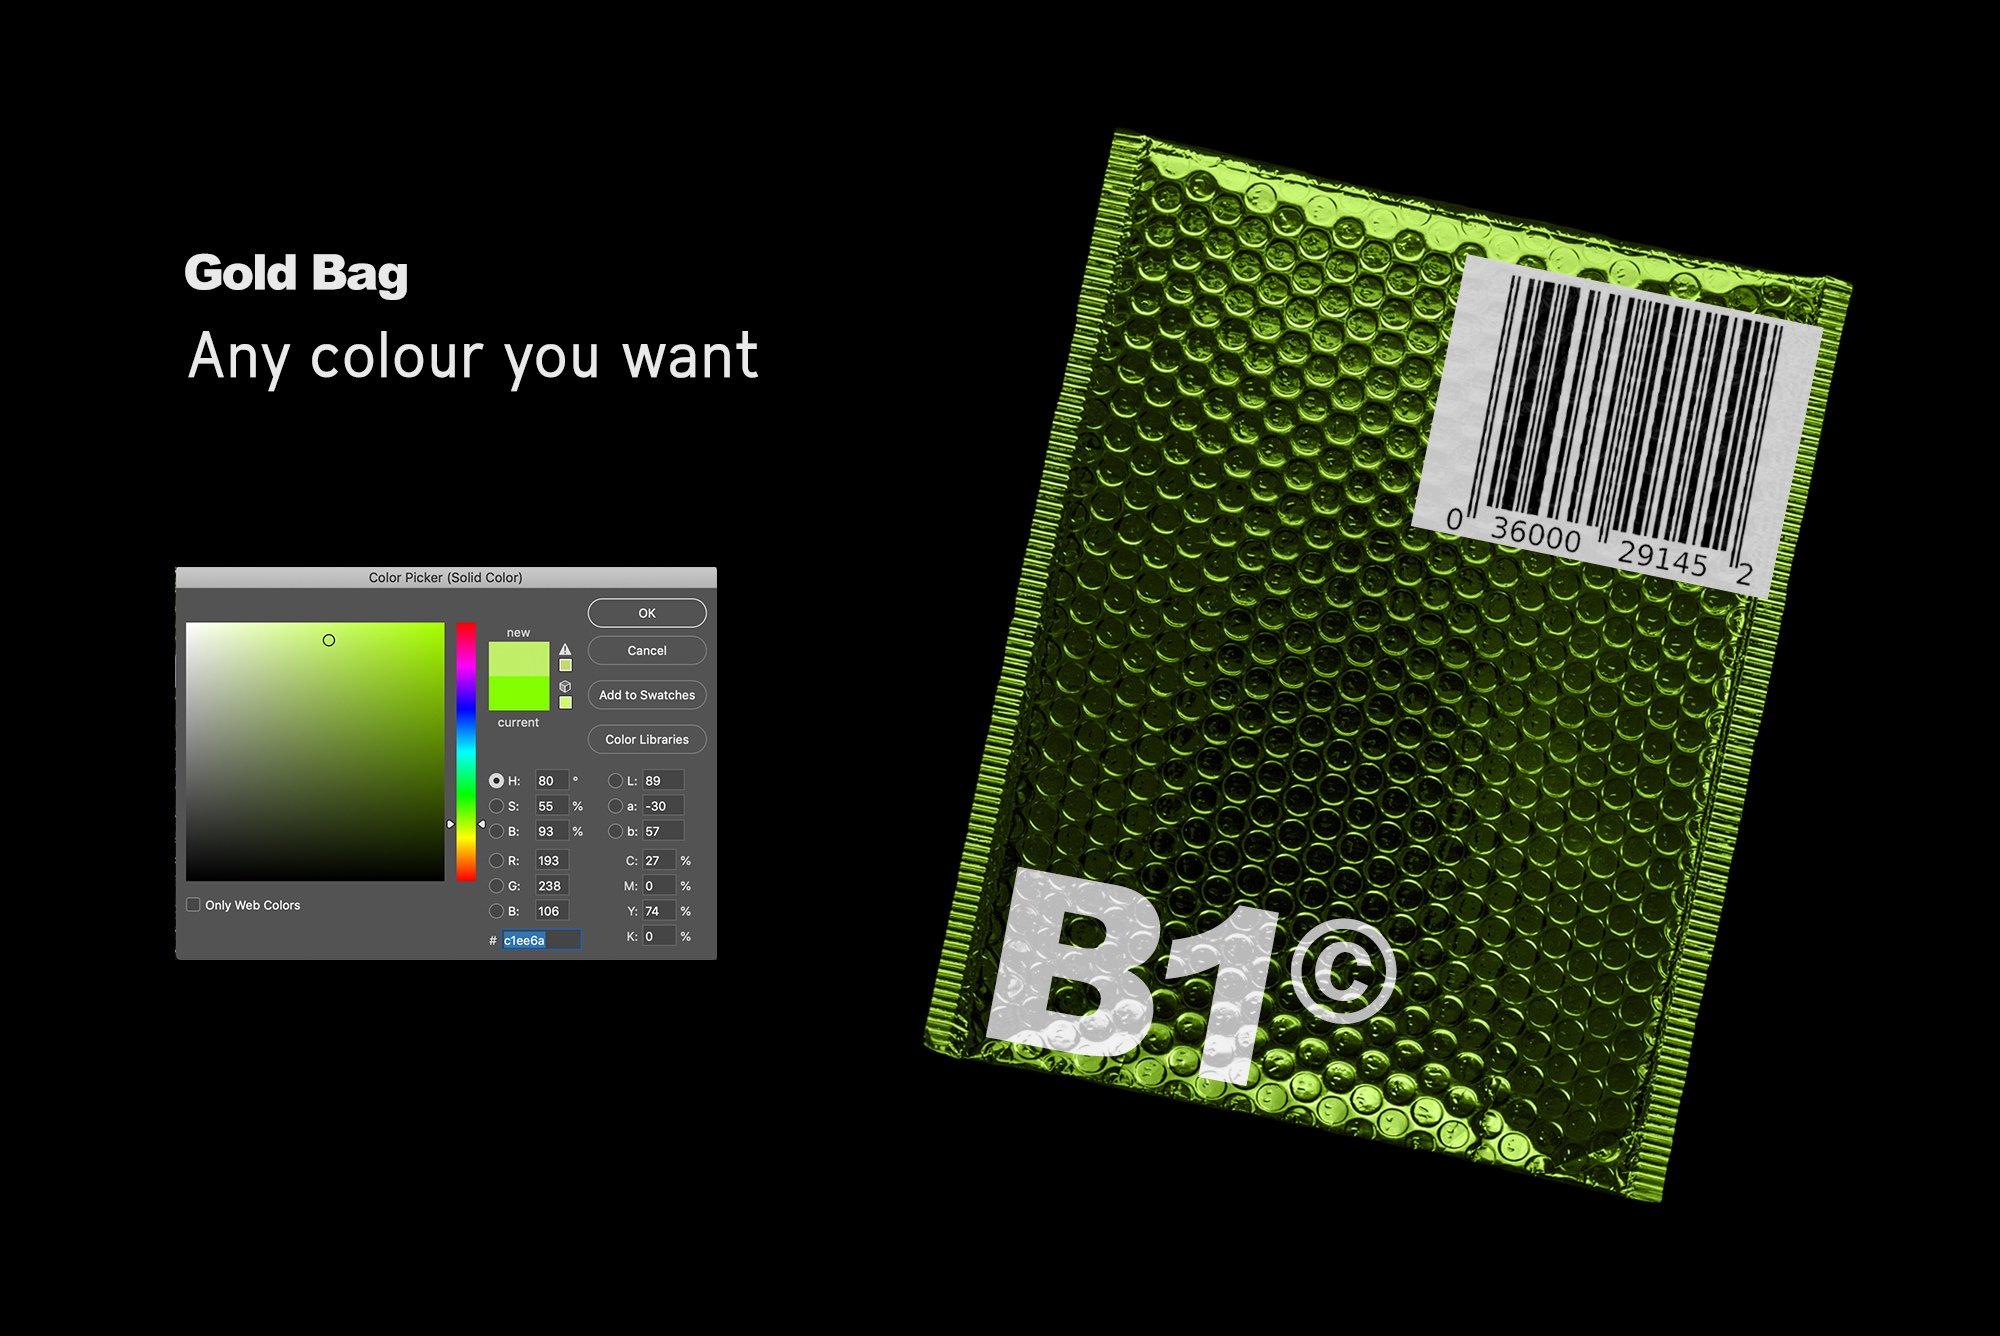 潮流金属铝箔气泡防震邮寄包装袋设计智能贴图样机模板 Gold Plastic Bag Mockup插图(4)